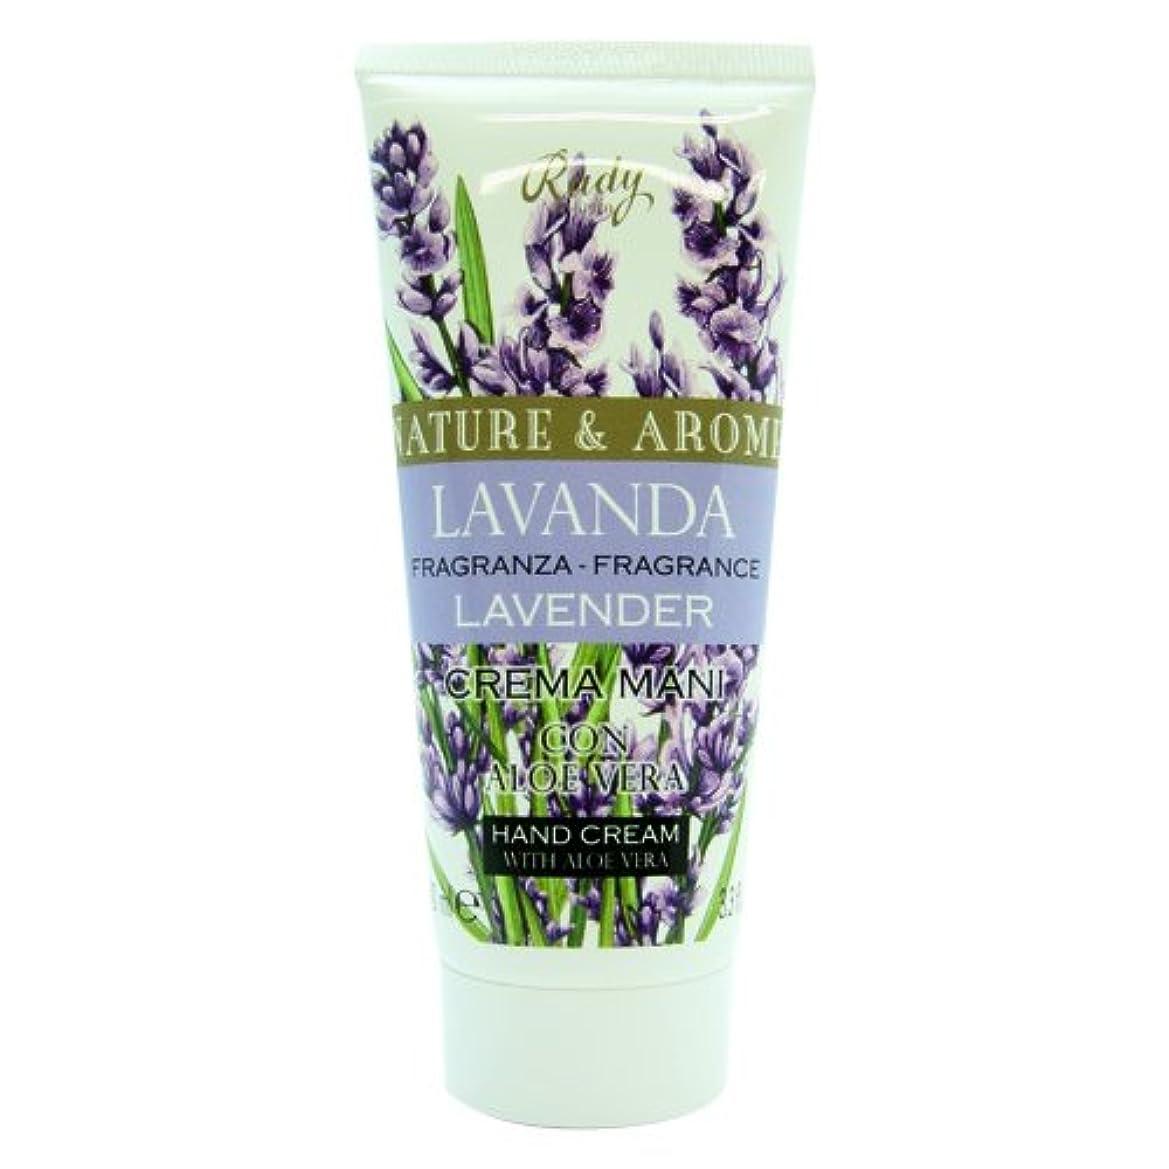 マダムペフ荒野RUDY Nature&Arome SERIES ルディ ナチュール&アロマ Hand Cream ハンドクリーム  Lavender ラベンダー